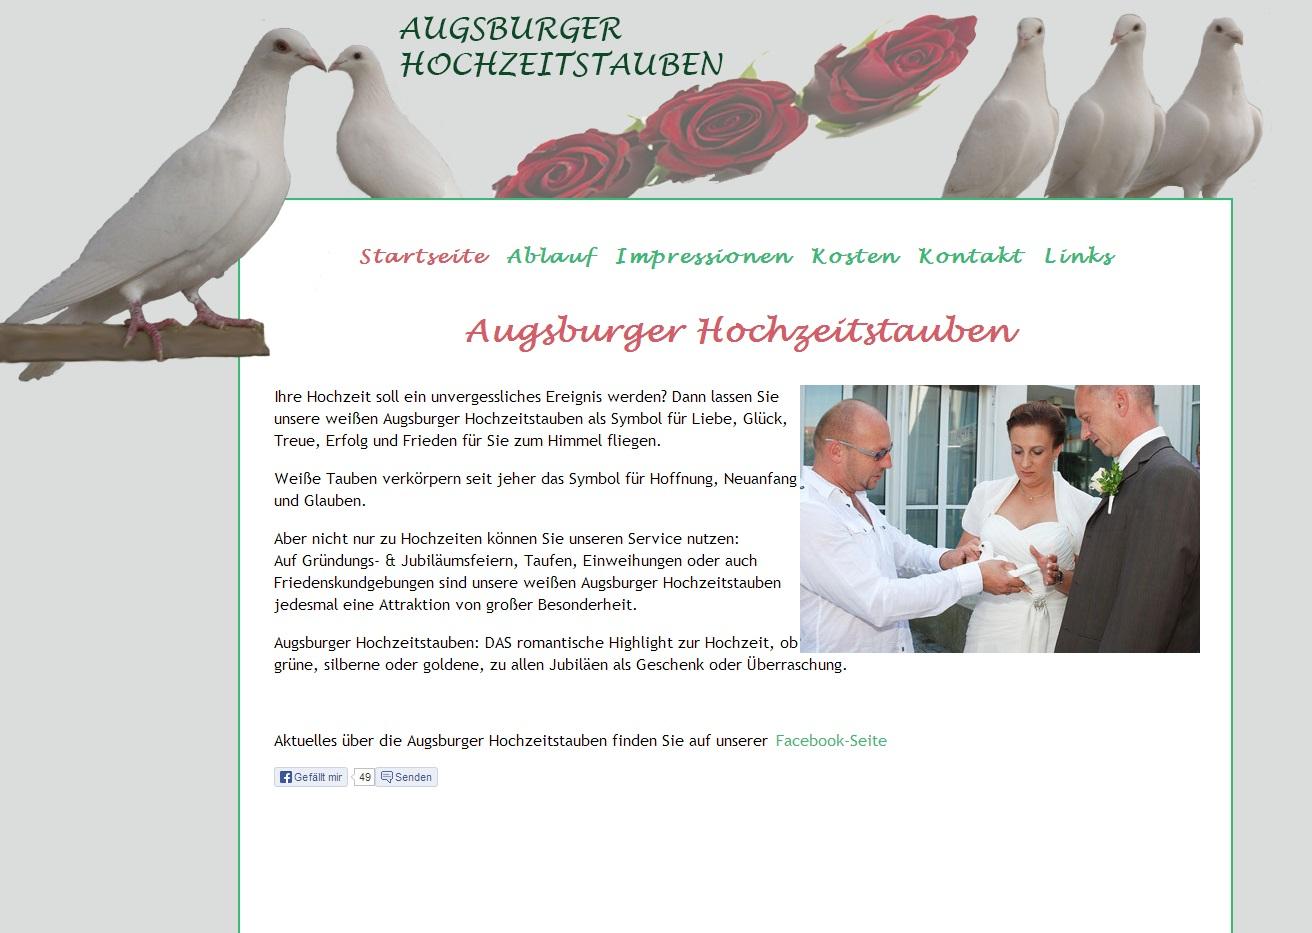 Augsburger Hochzeitstauben - weiße Tauben für Ihre Hochzeit